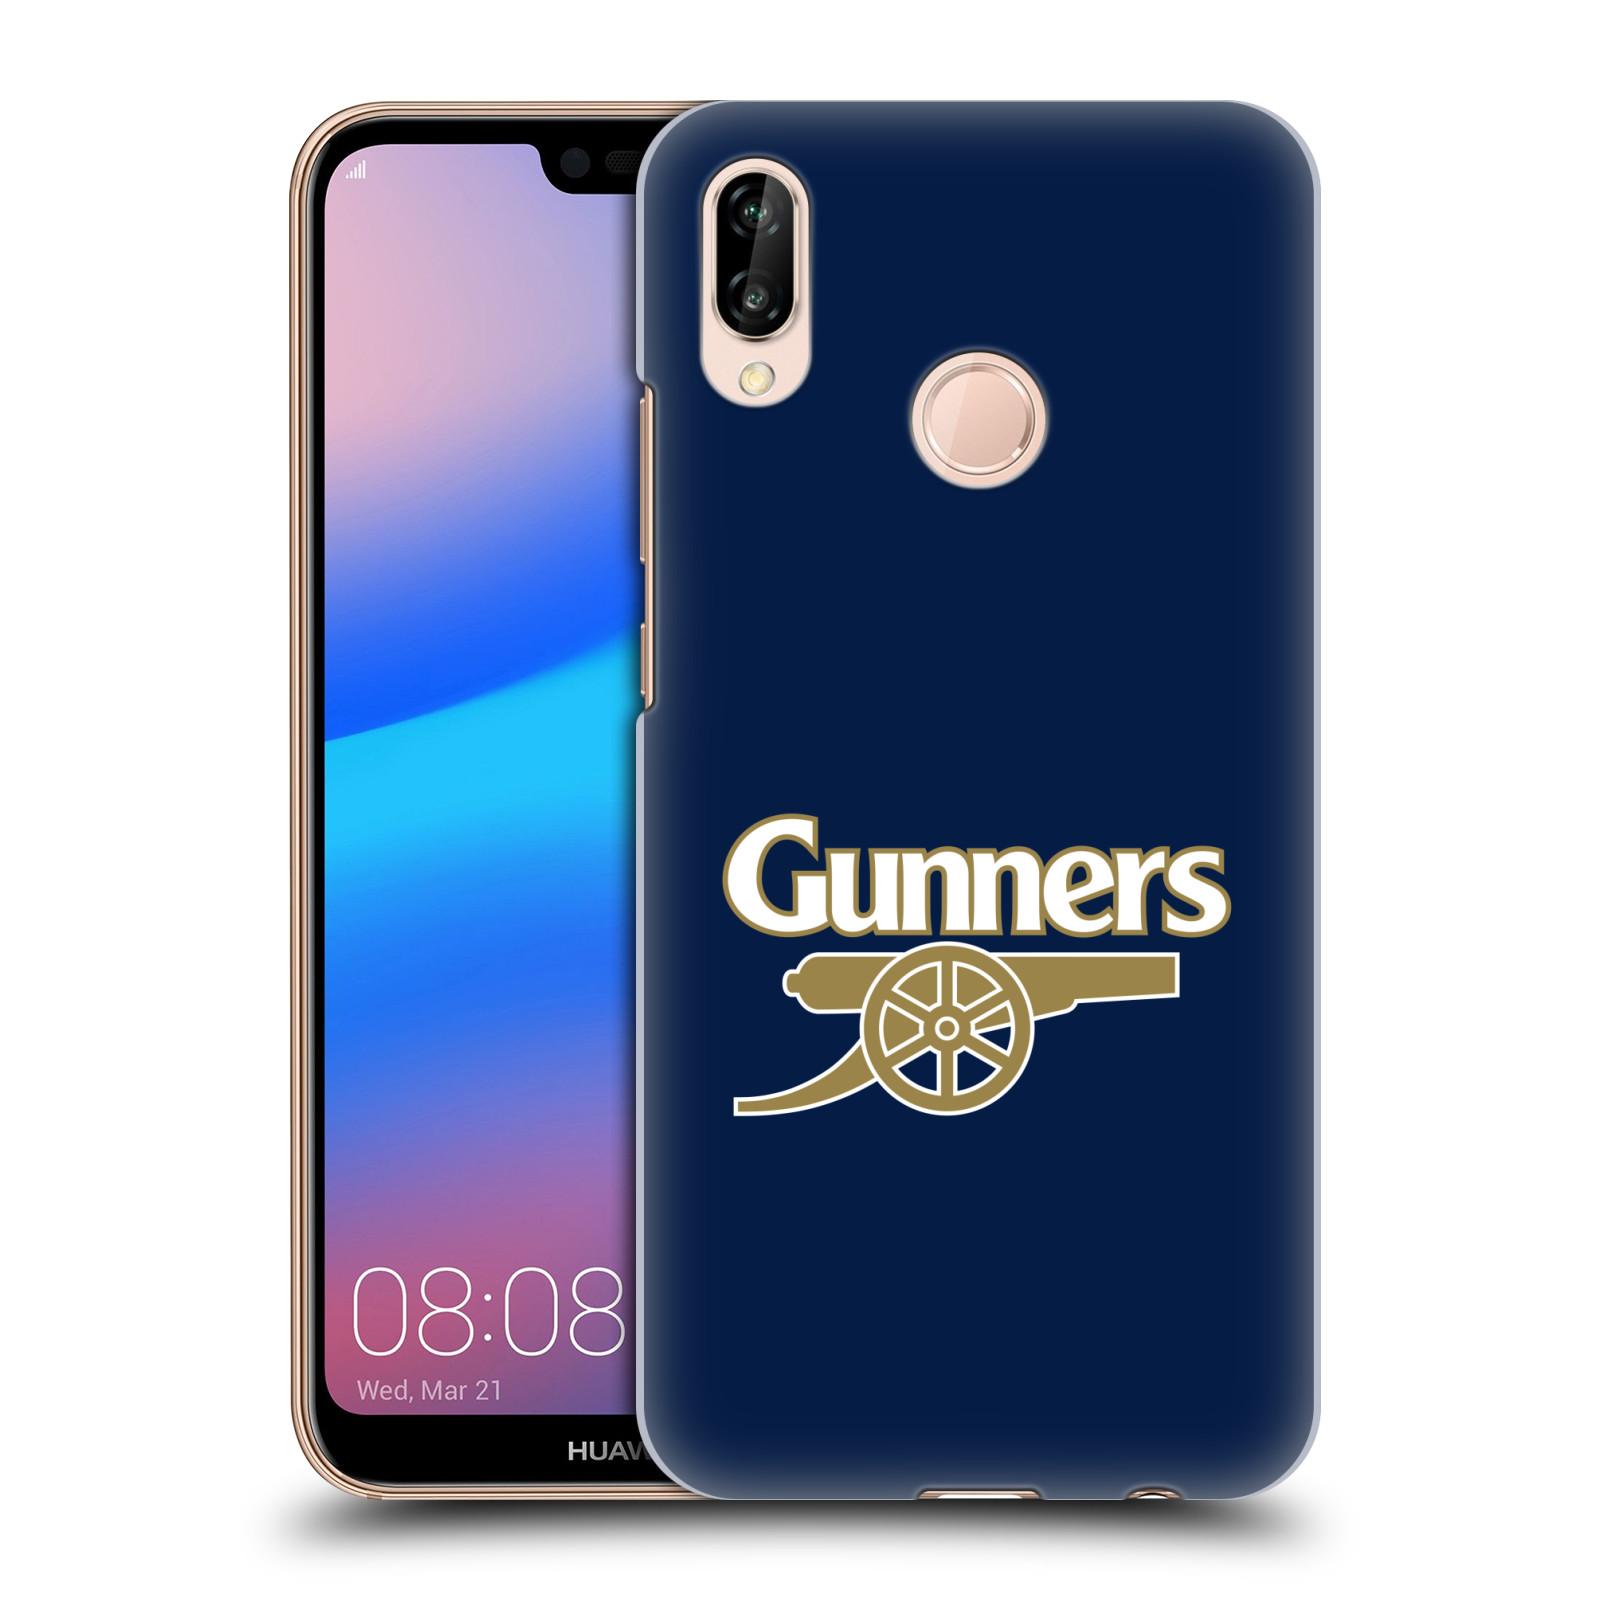 Plastové pouzdro na mobil Huawei P20 Lite - Head Case - Arsenal FC - Gunners